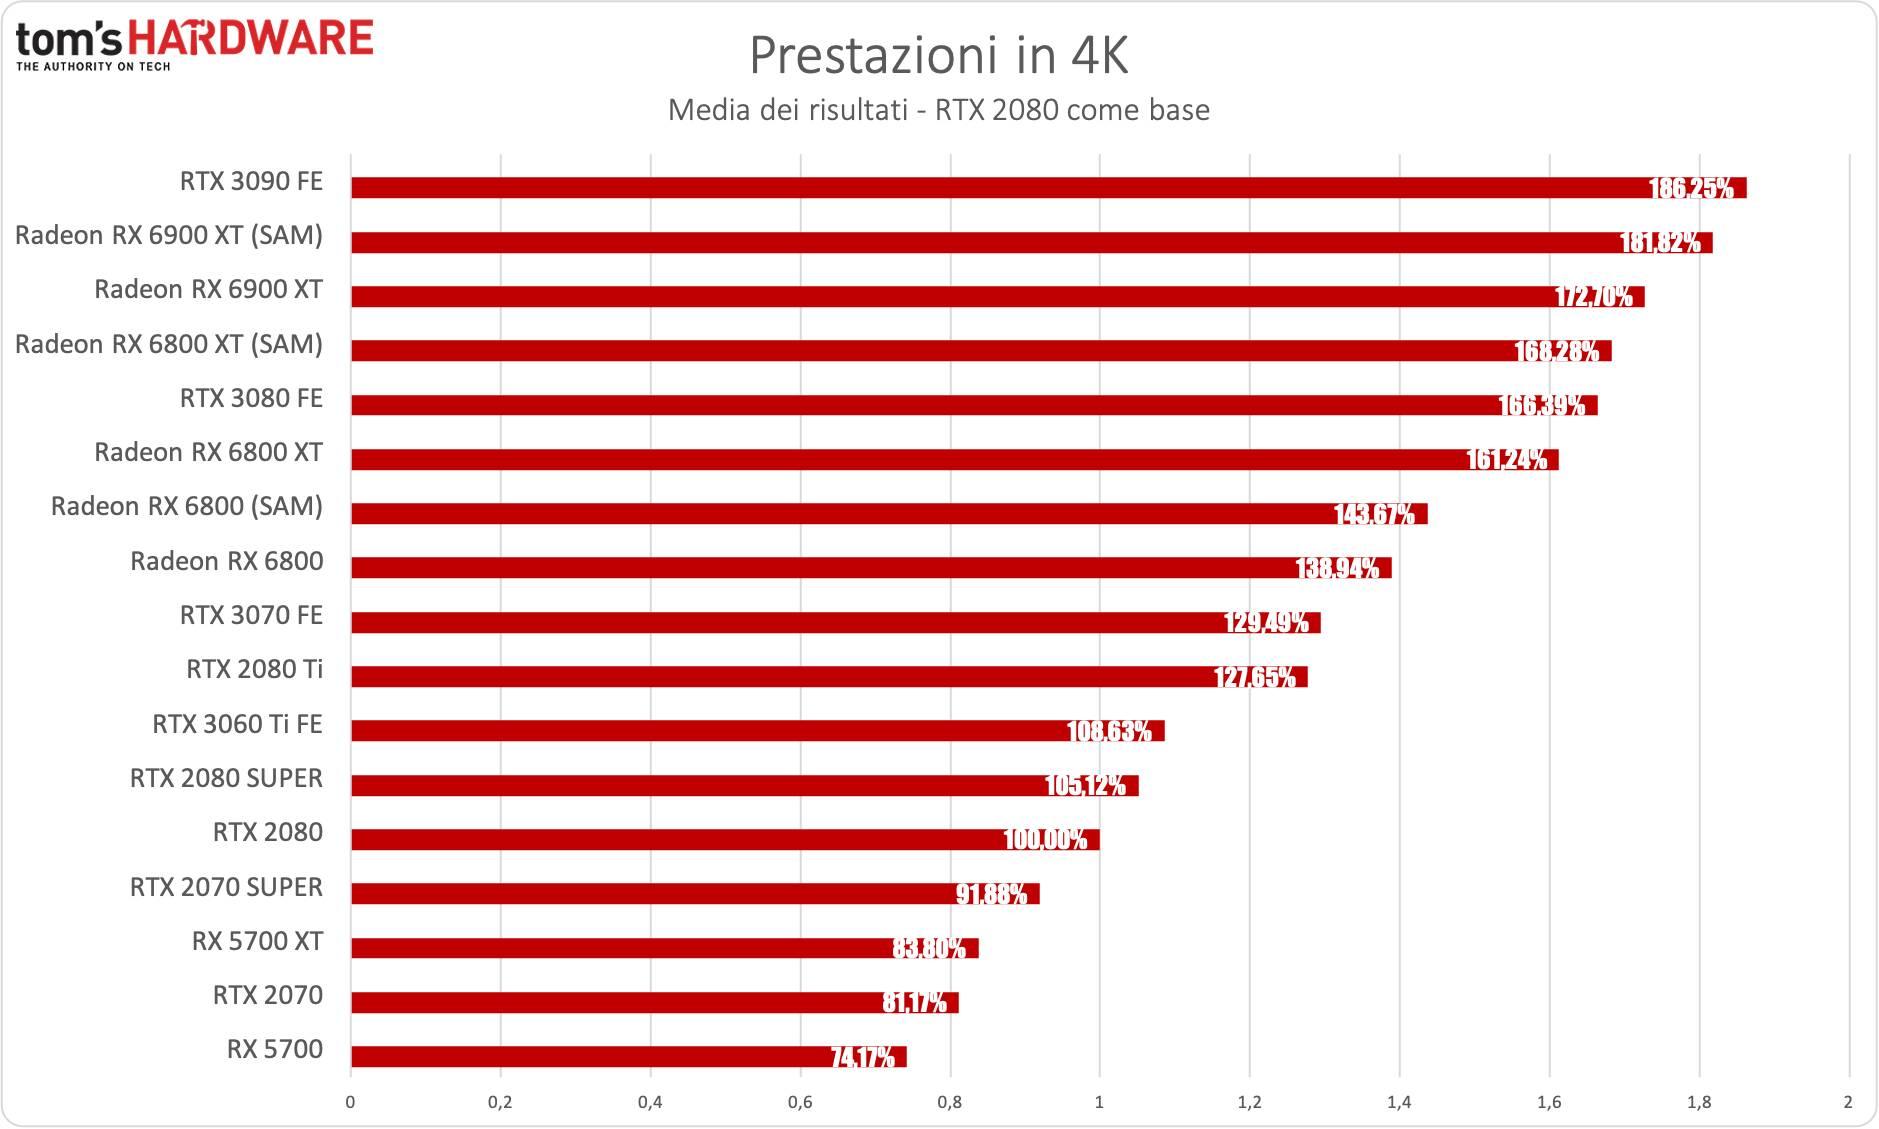 Benchmark Radeon RX 6900 XT - 4K - diff. % RTX 2080